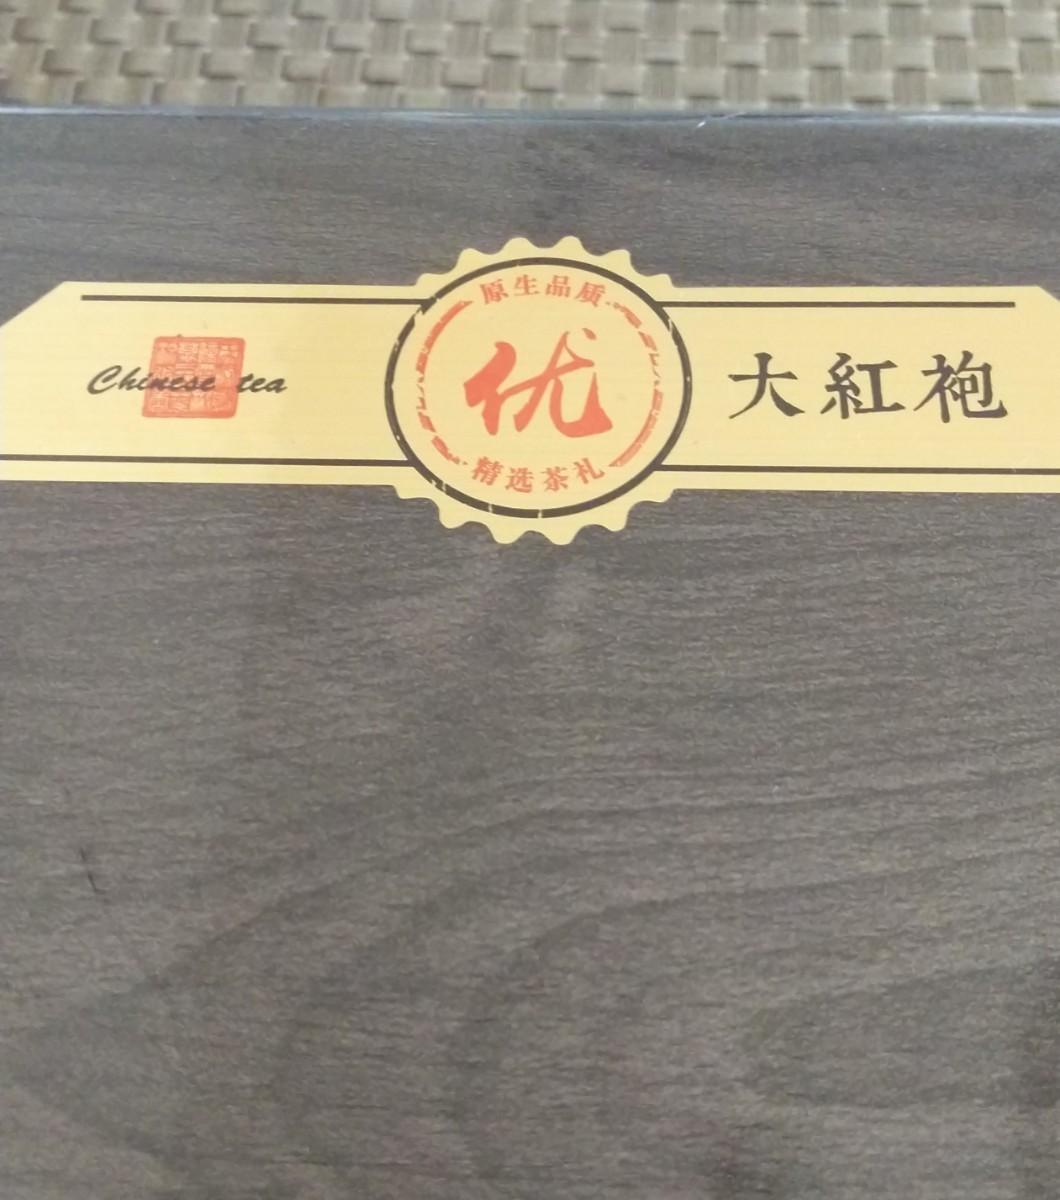 高級中国茶 武夷正岩茶 大紅袍 ギフトセット